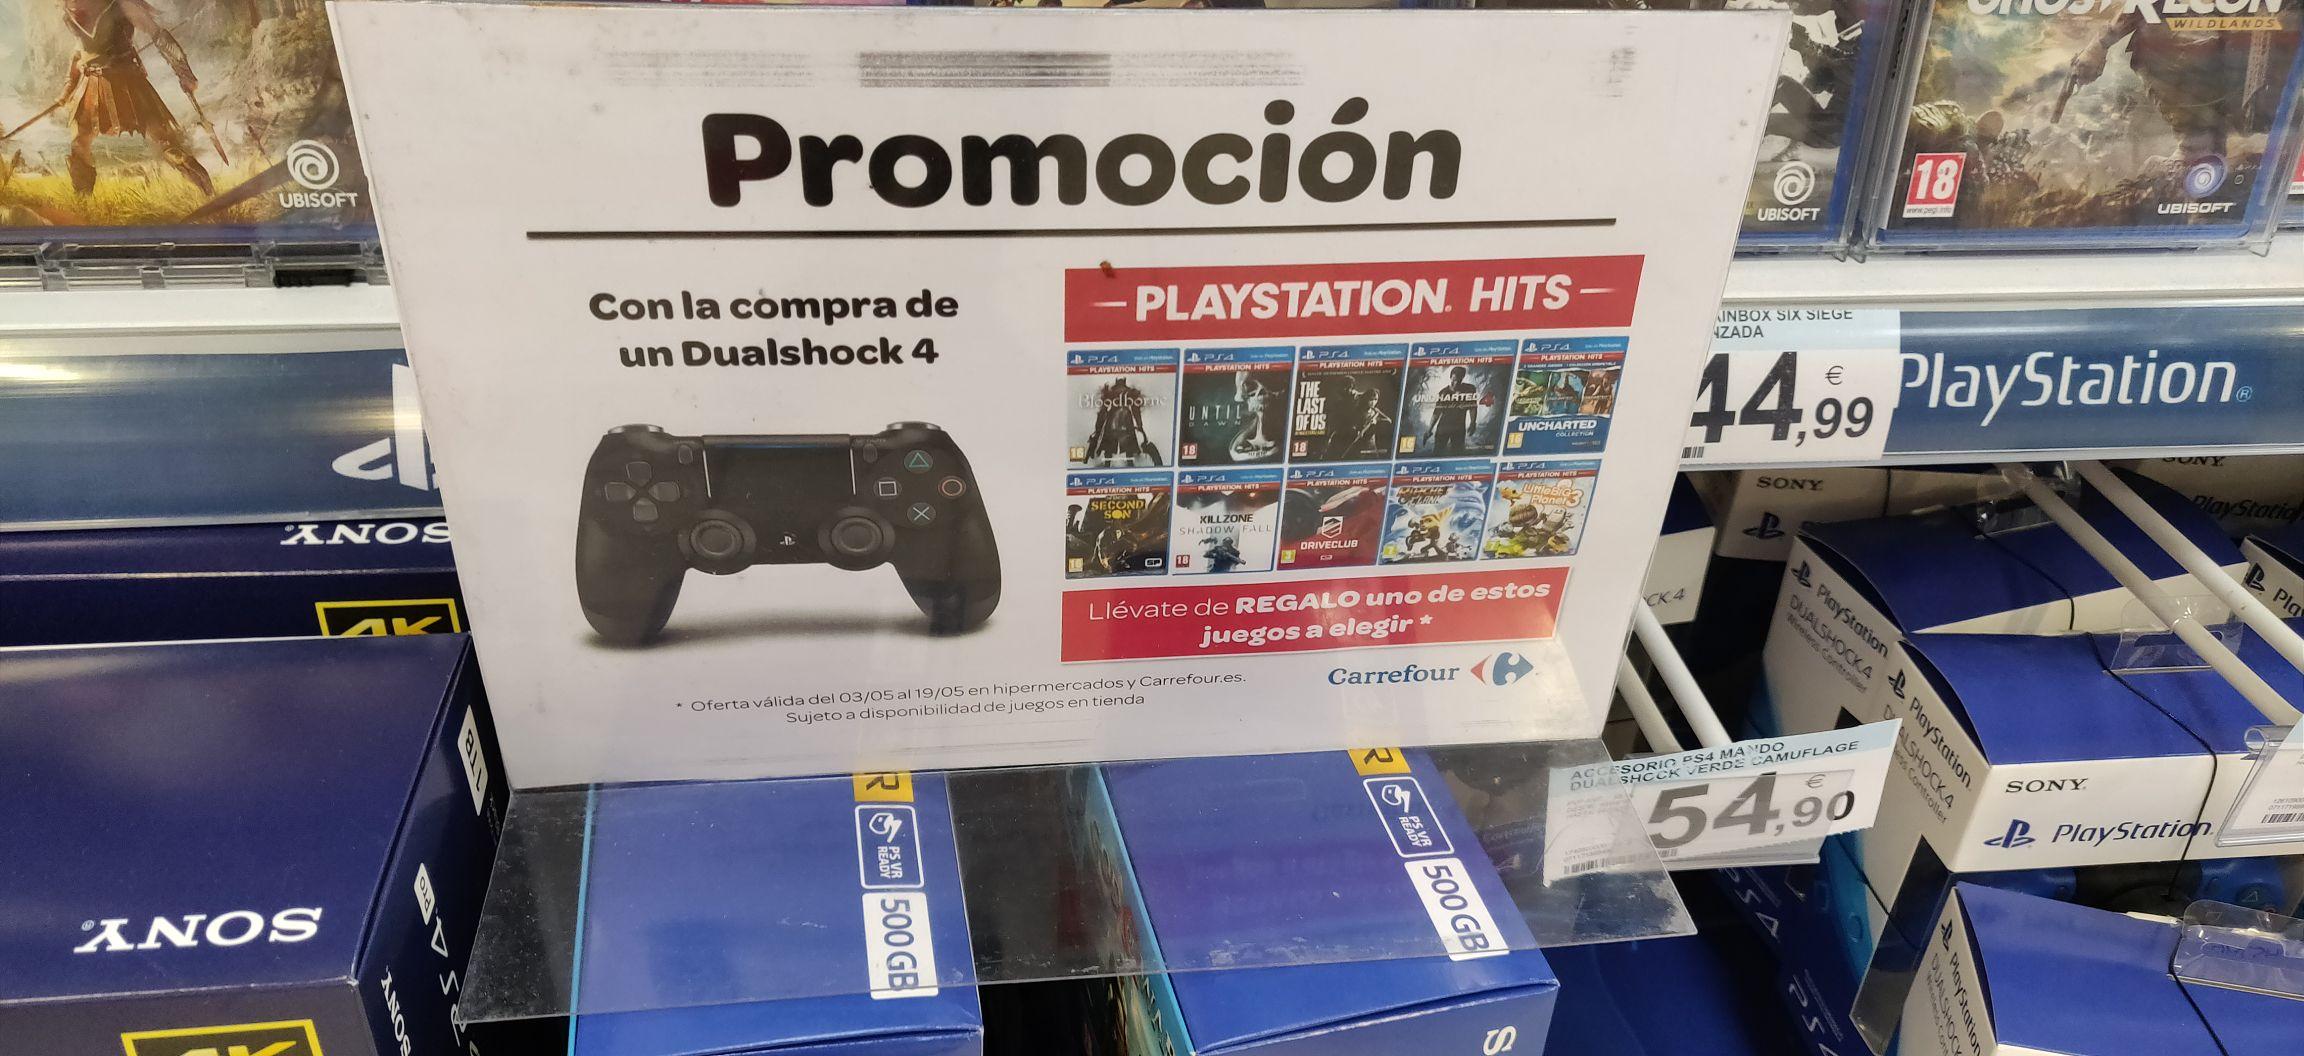 Mando PS4 + juego gratis